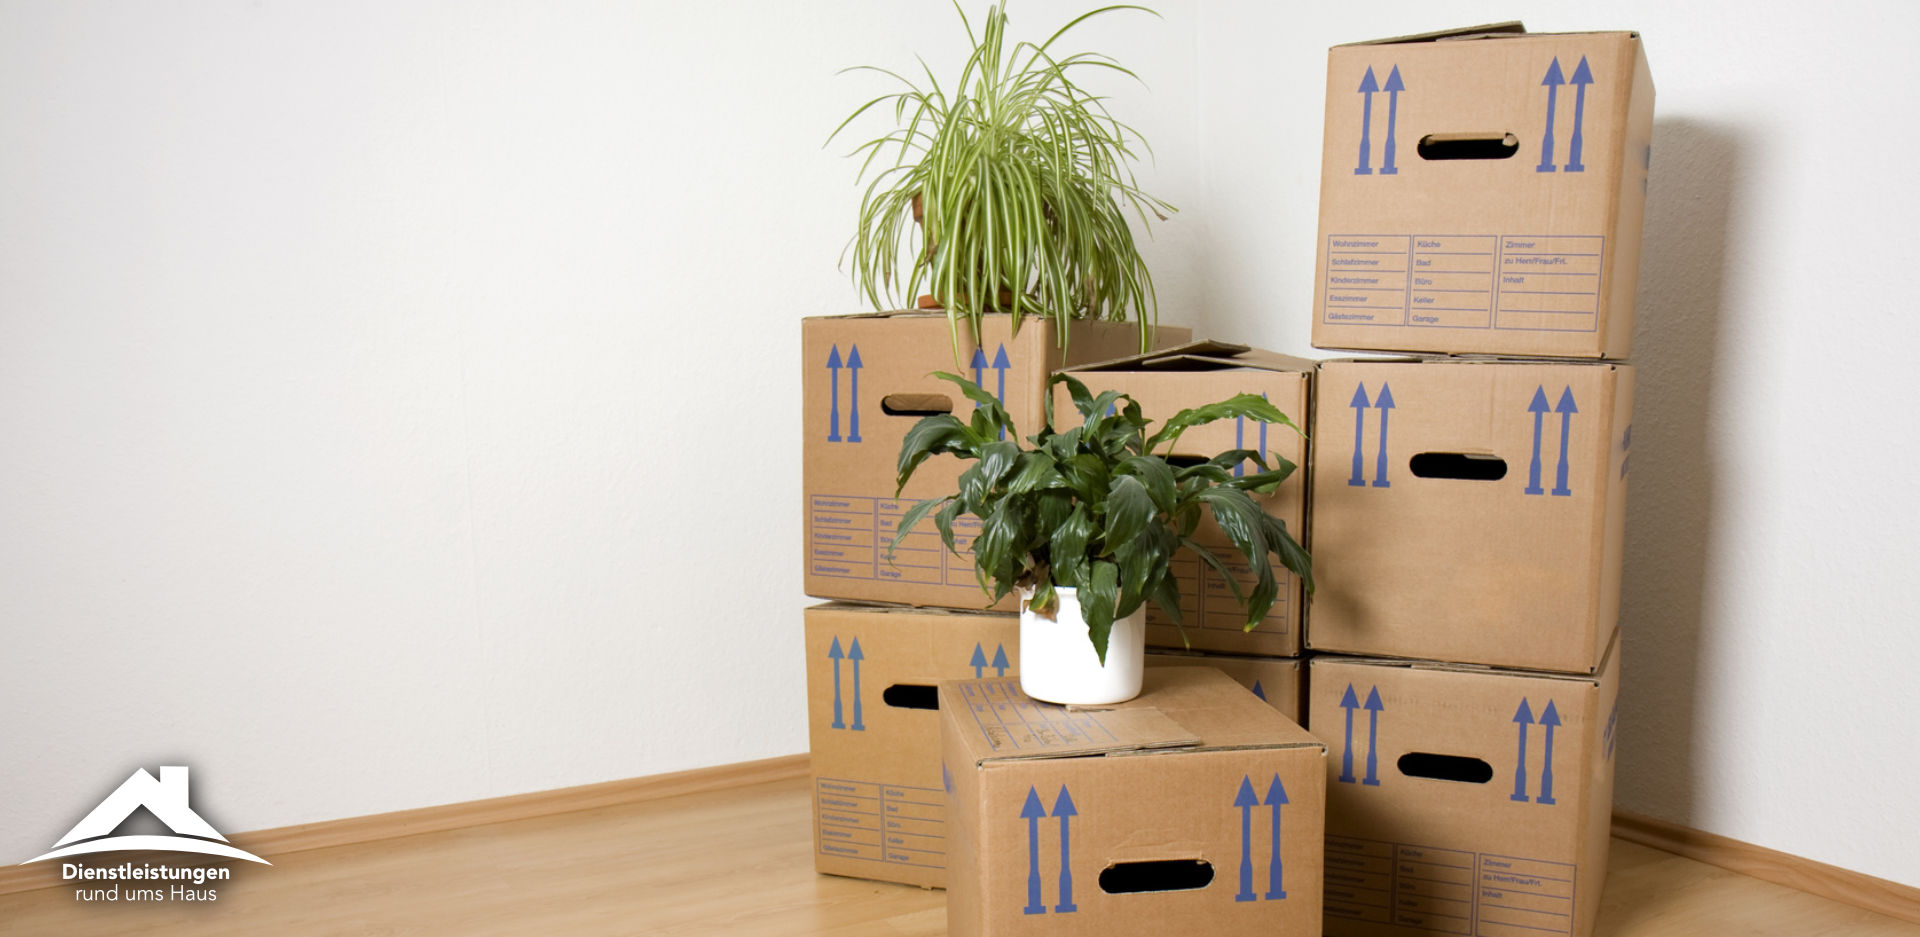 Umzugskartons aufeinander gestapelt, Zimmerpflanzen und leerer Raum